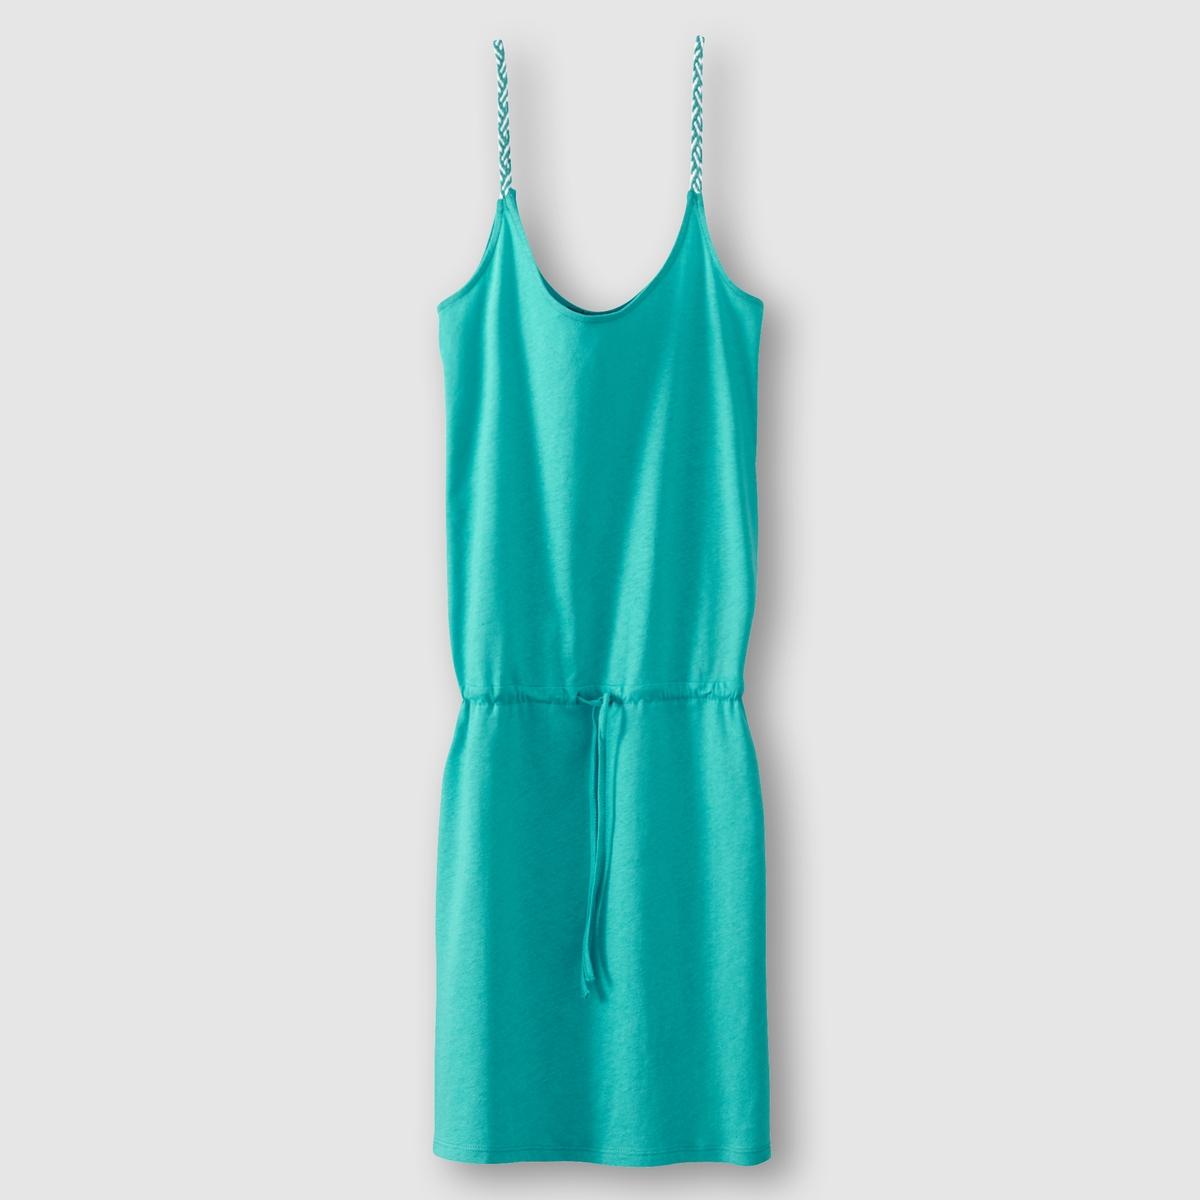 Платье на тонких бретеляхСостав и описаниеМарка: R EssentielМатериалы: 55% льна, 45% хлопка.УходРучная стиркас одеждой подобных цветов.Стирать и гладить с изнанки.Сушить на горизонтальной поверхности в расправленном состоянии.<br><br>Цвет: голубой бирюзовый,розовый фуксия,ярко-желтый<br>Размер: 46/48 (FR) - 52/54 (RUS)